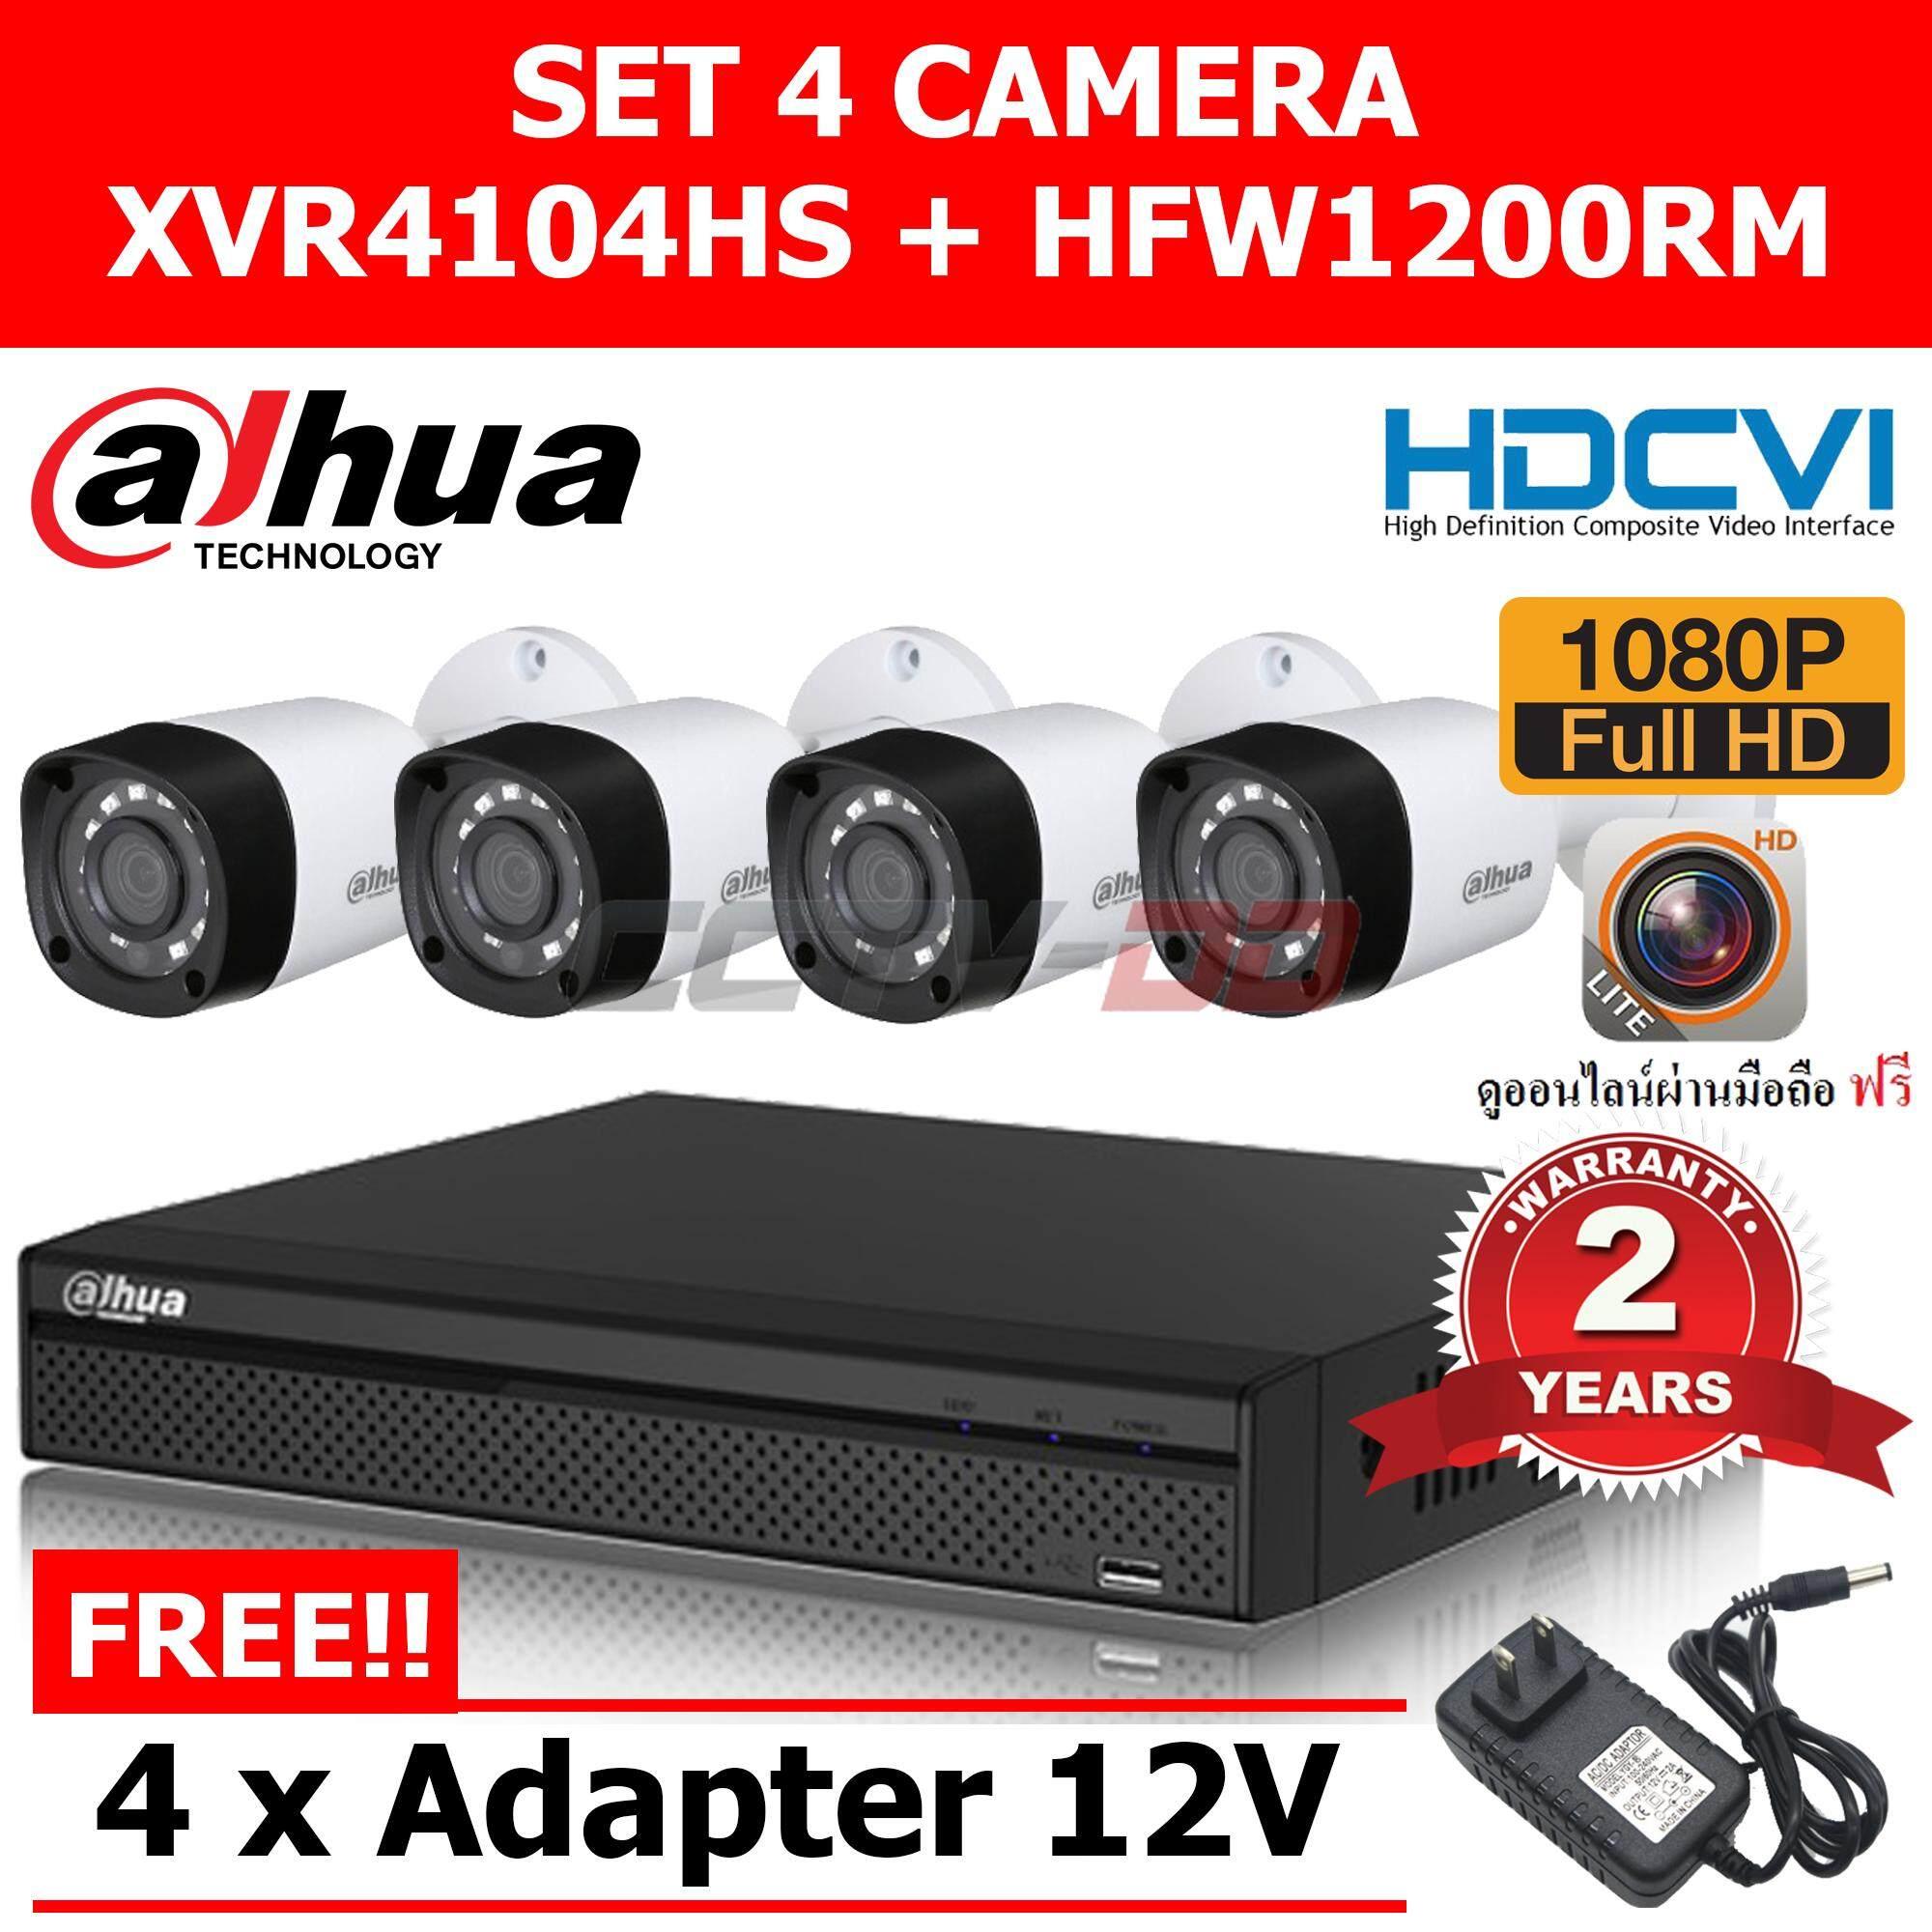 กล้องวงจรปิด DAHUA ชุดกล้อง 4 ตัว 2 ล้านพิกเซล XVR4104HS + HFW1200RM